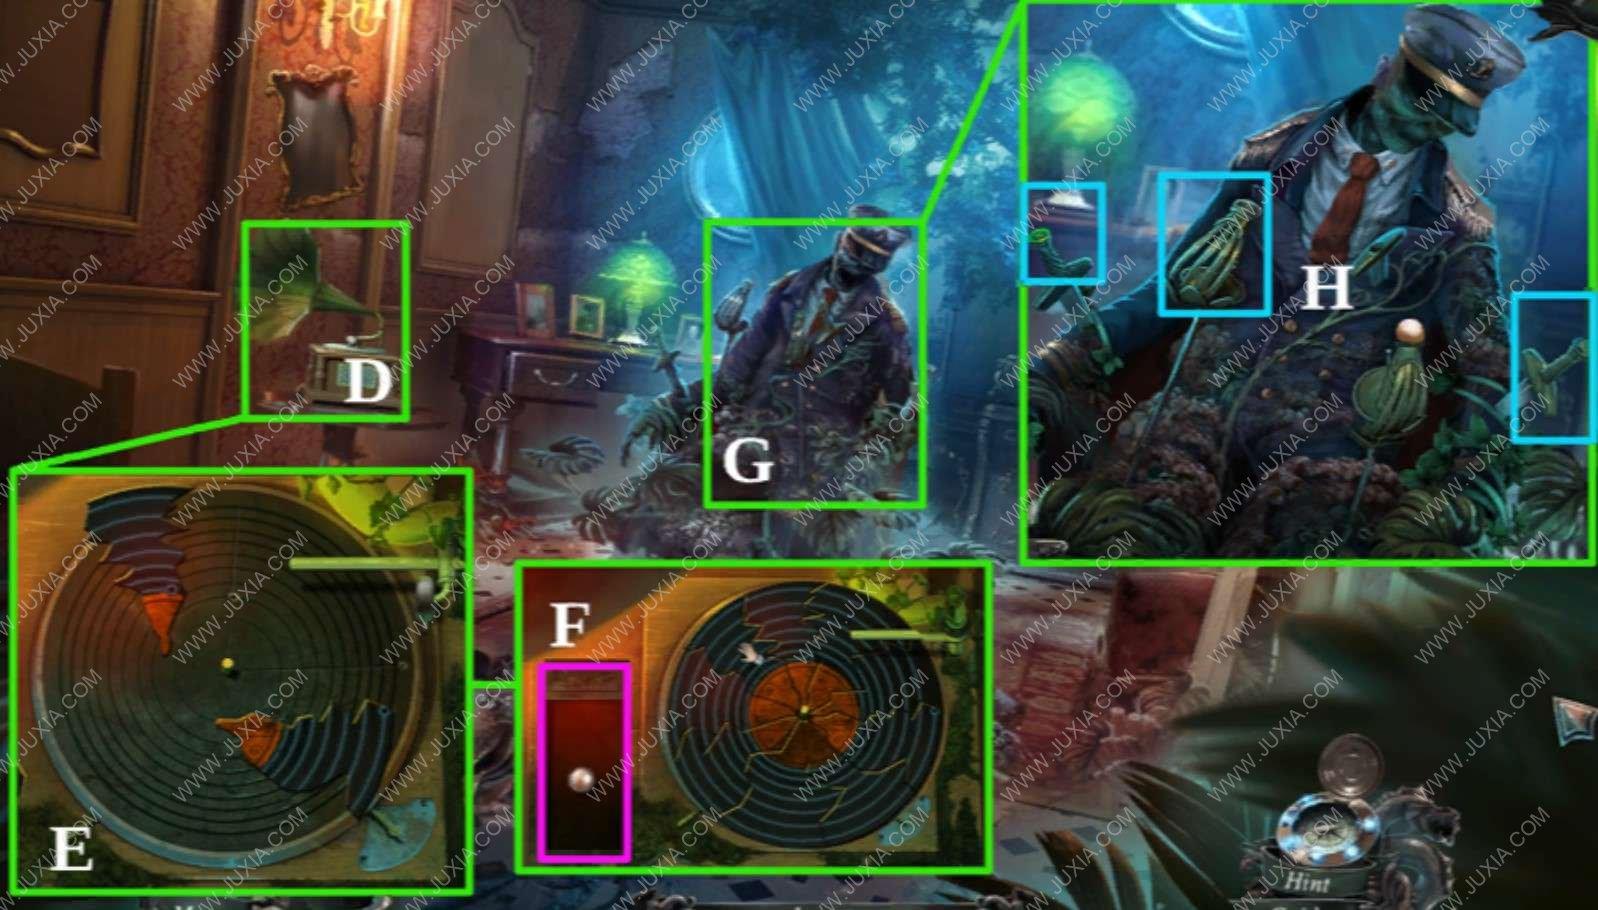 深海噩梦1被诅咒的心攻略奖励章节第二章下 nightmaresfromthedeep攻略地图拼图在哪